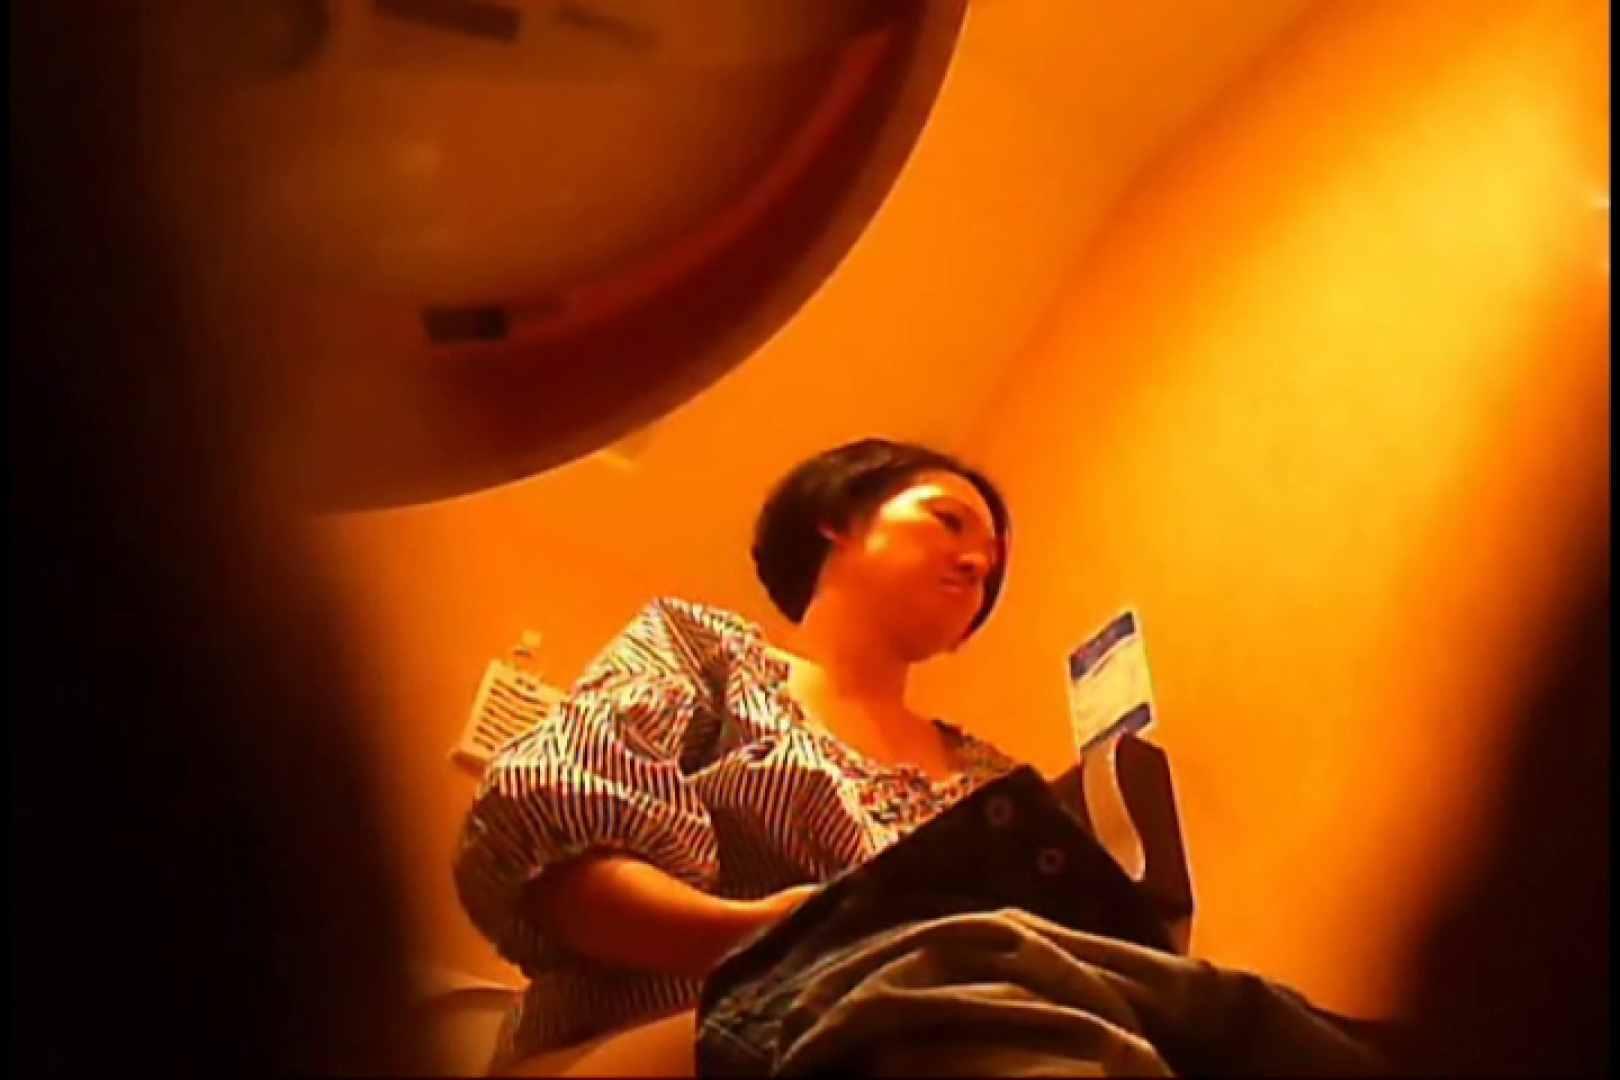 潜入!!女子化粧室盗撮~絶対見られたくない時間~vo,62 盗撮 AV無料動画キャプチャ 77枚 52